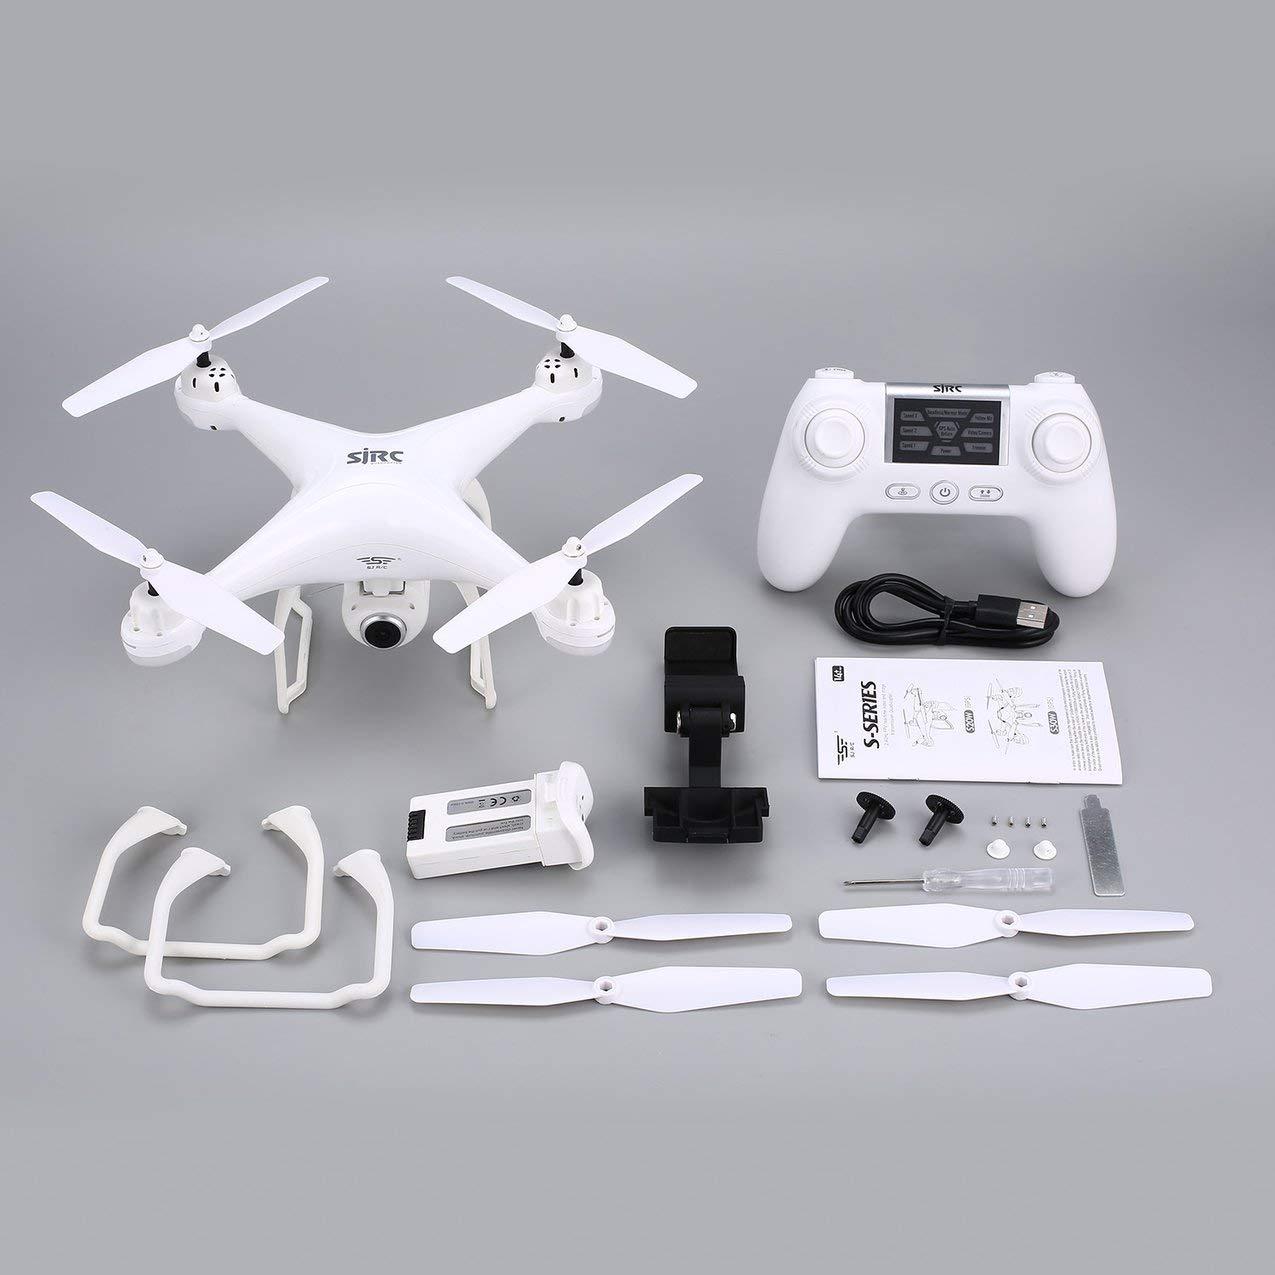 Redstrong SJ R / C S20W FPV 1080P Cámara Selfie Altitude Hold Drone Modo sin Cabeza Auto Retorno Despegue / Aterrizaje GPS RC Quadcopter